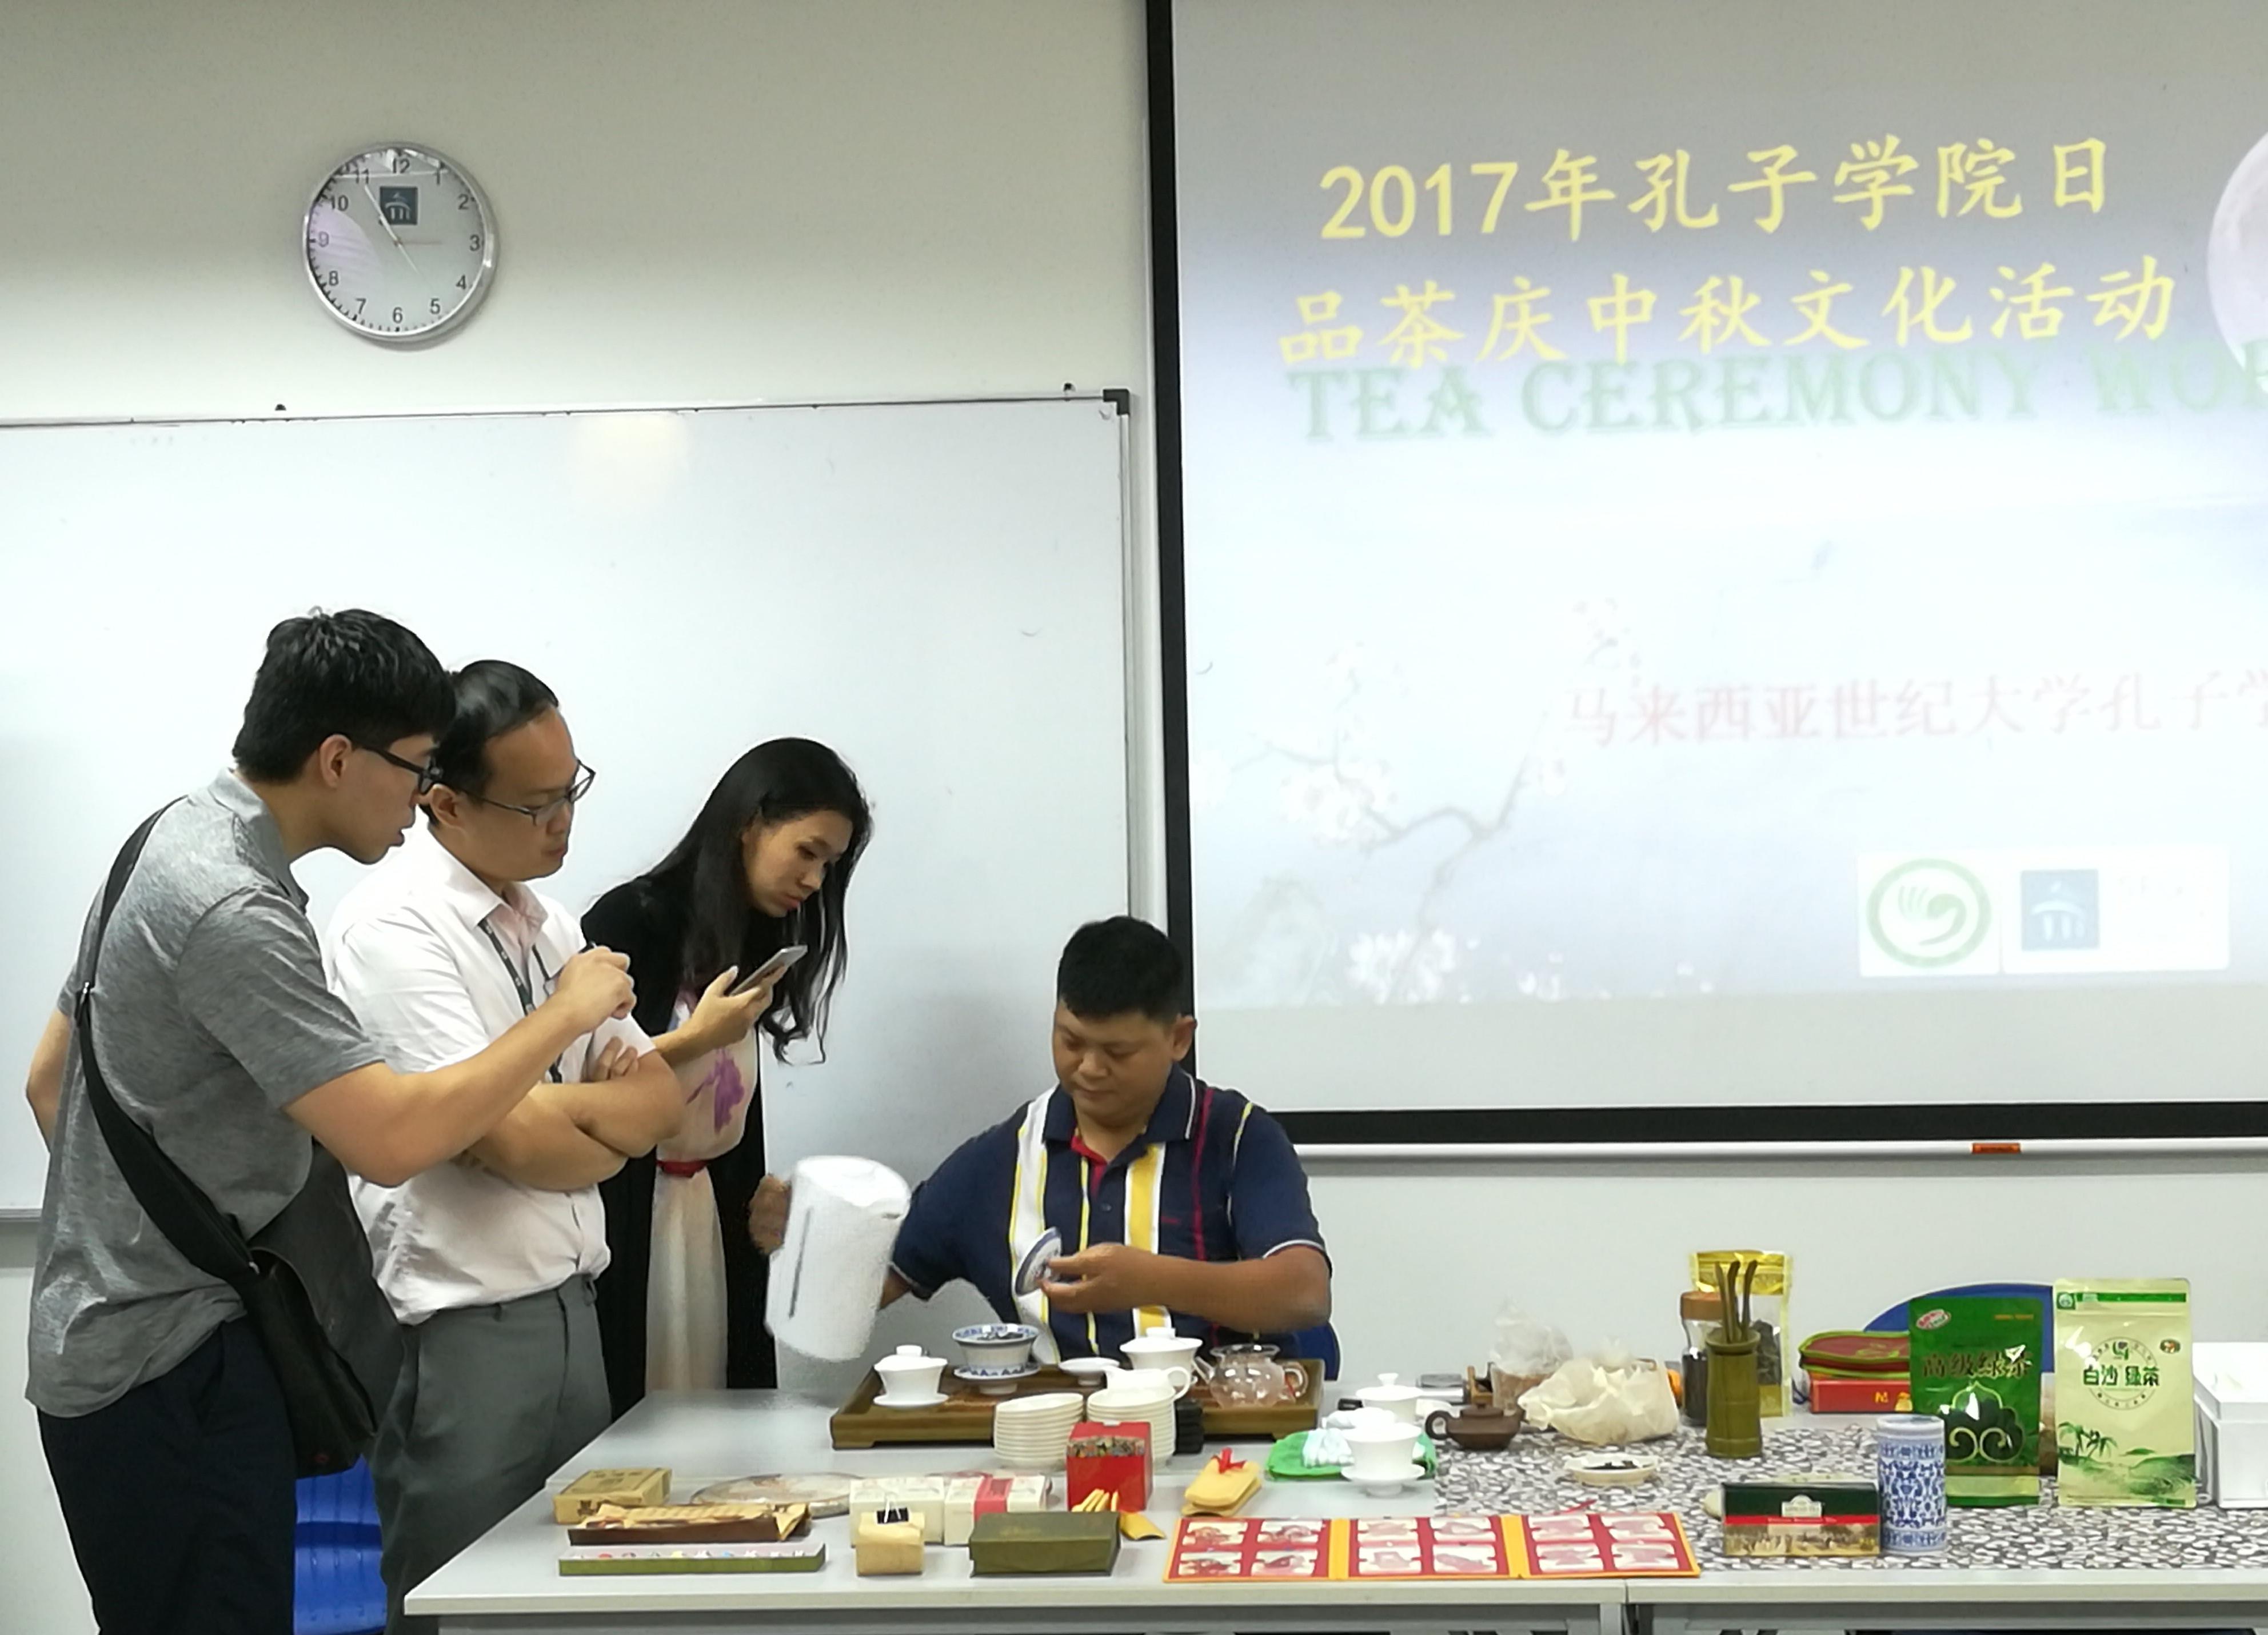 世纪大学孔子学院举办2017年中秋品茶赏月文化活动